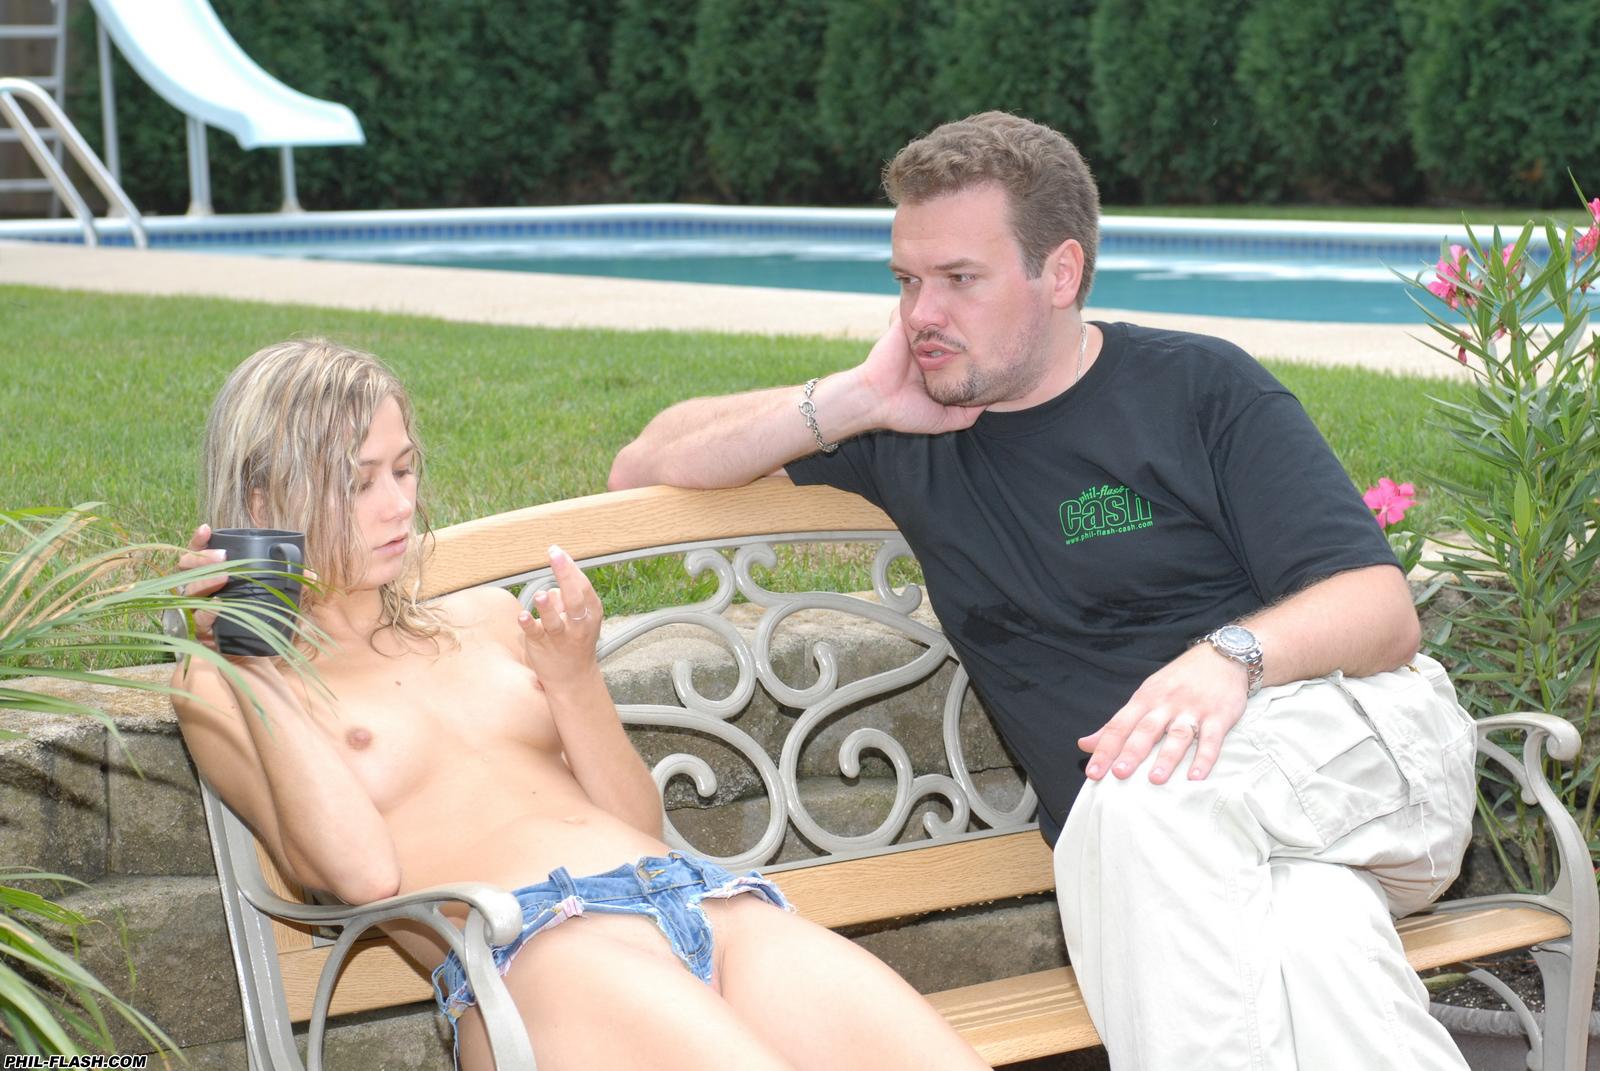 teen-kasia-blonde-naked-behind-the-scenes-phil-flash-33